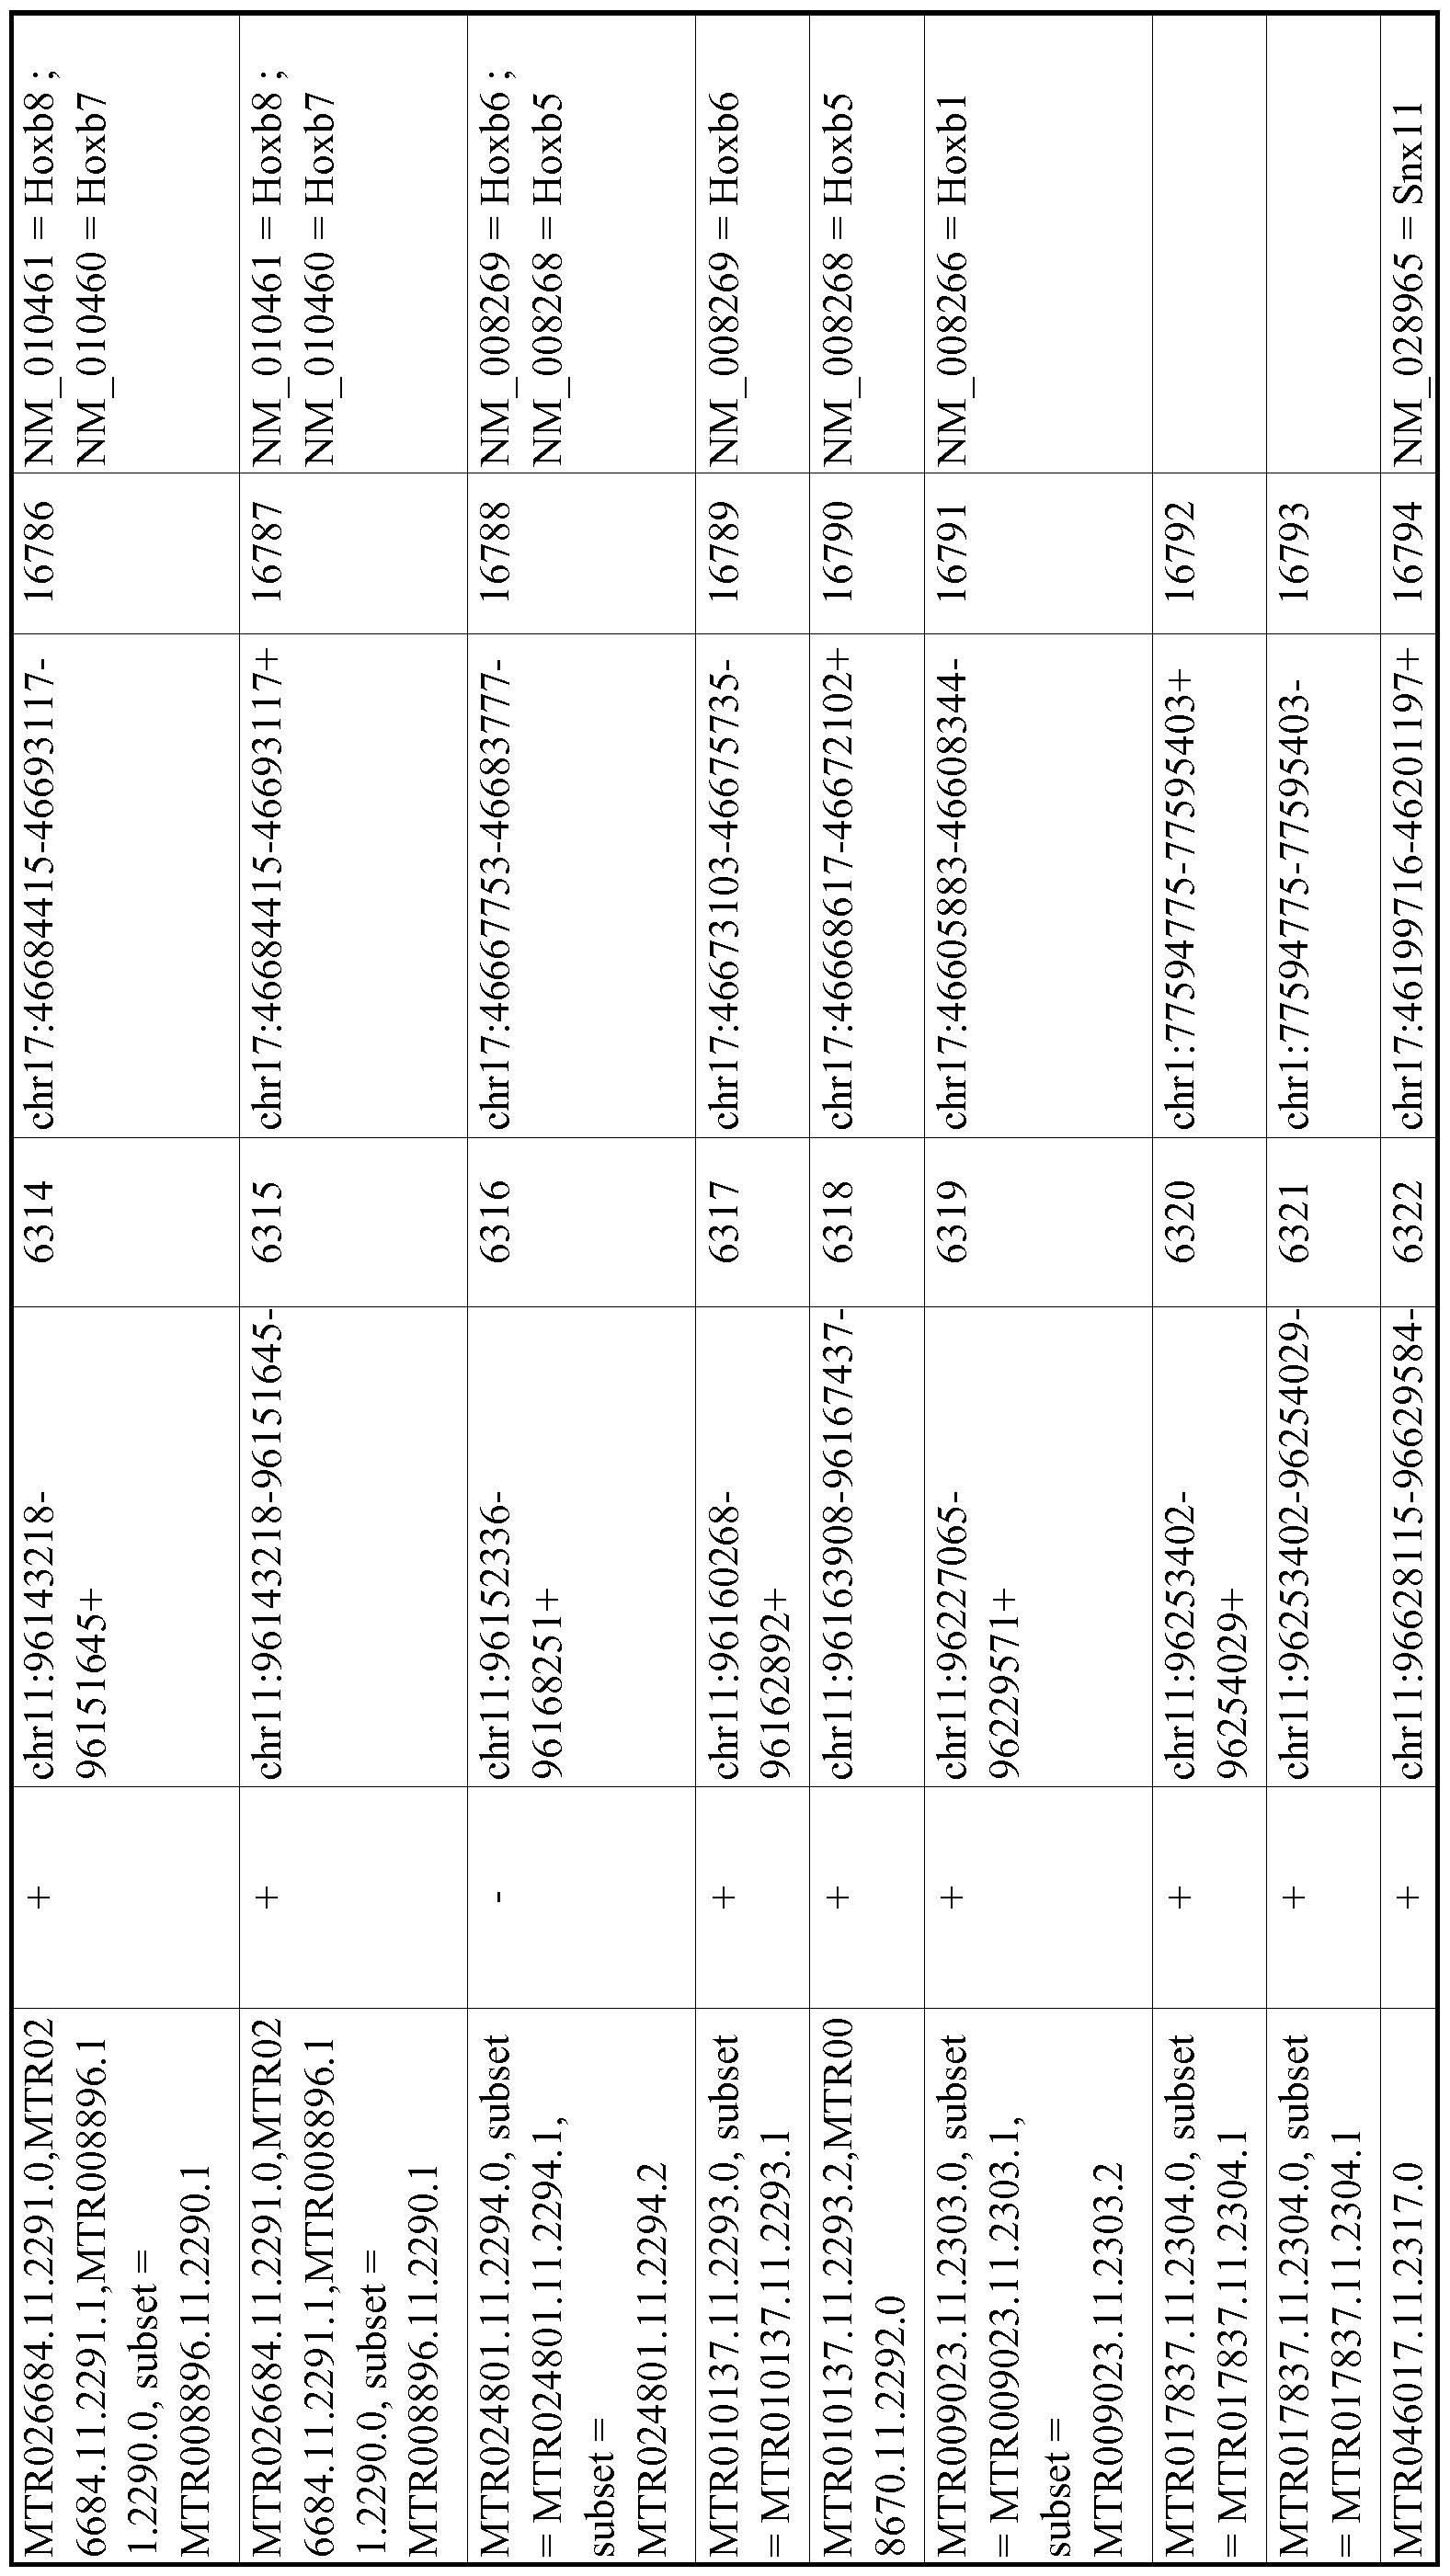 Figure imgf001134_0001